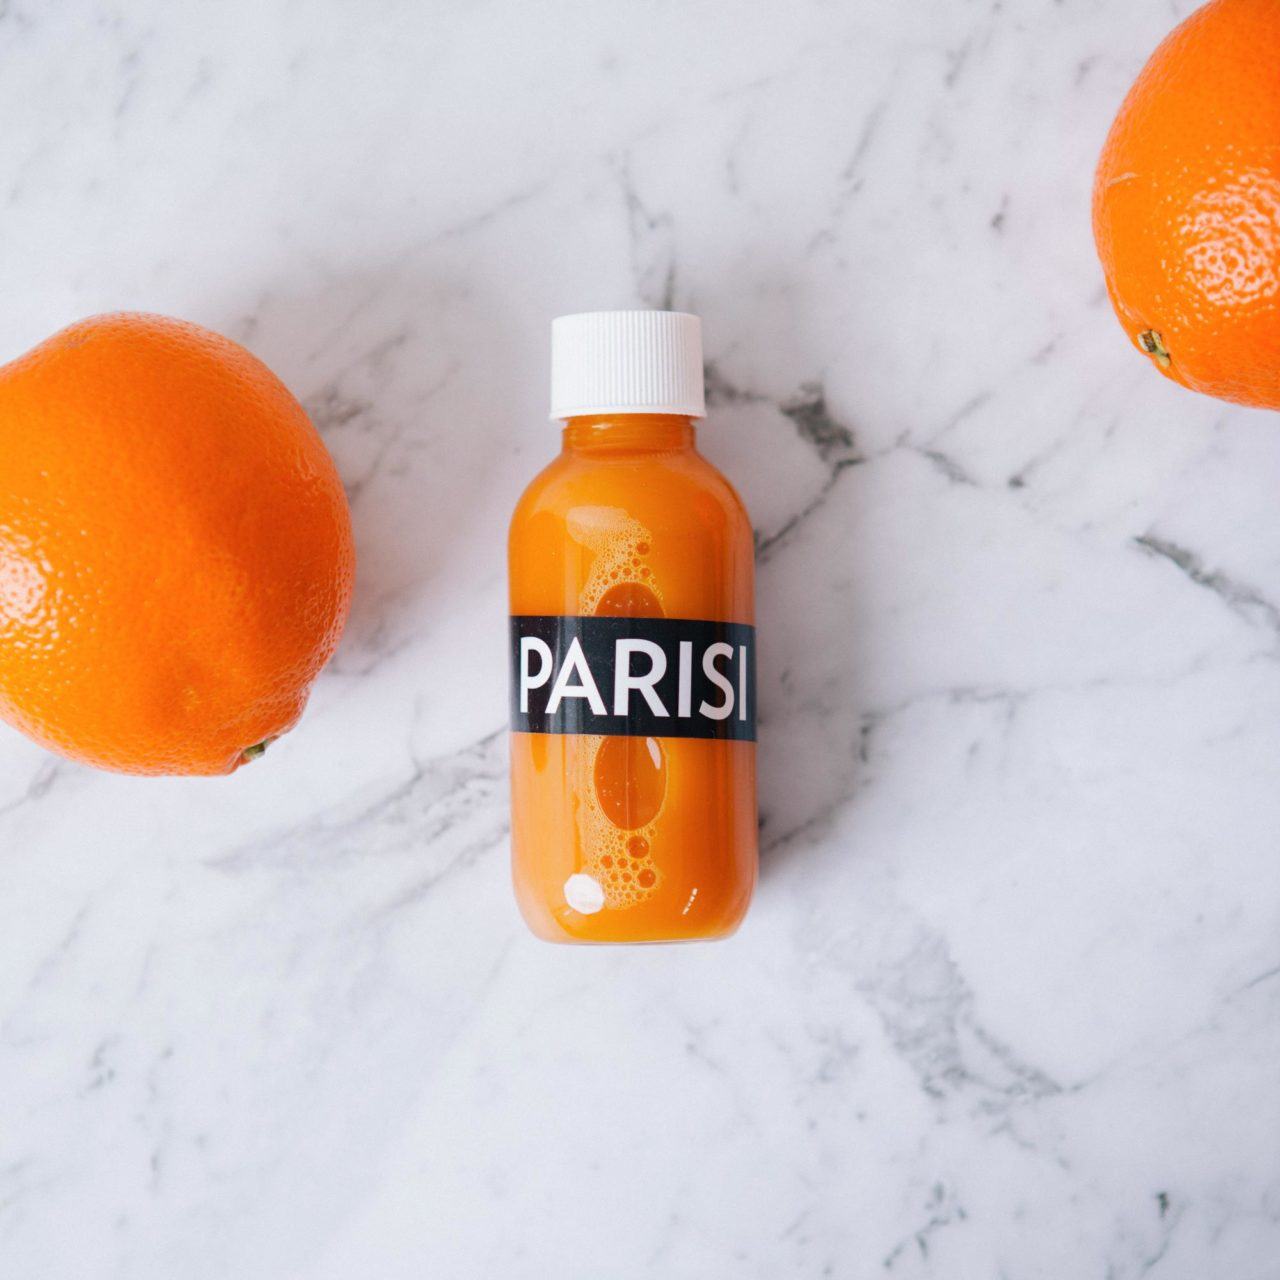 Parisi_07